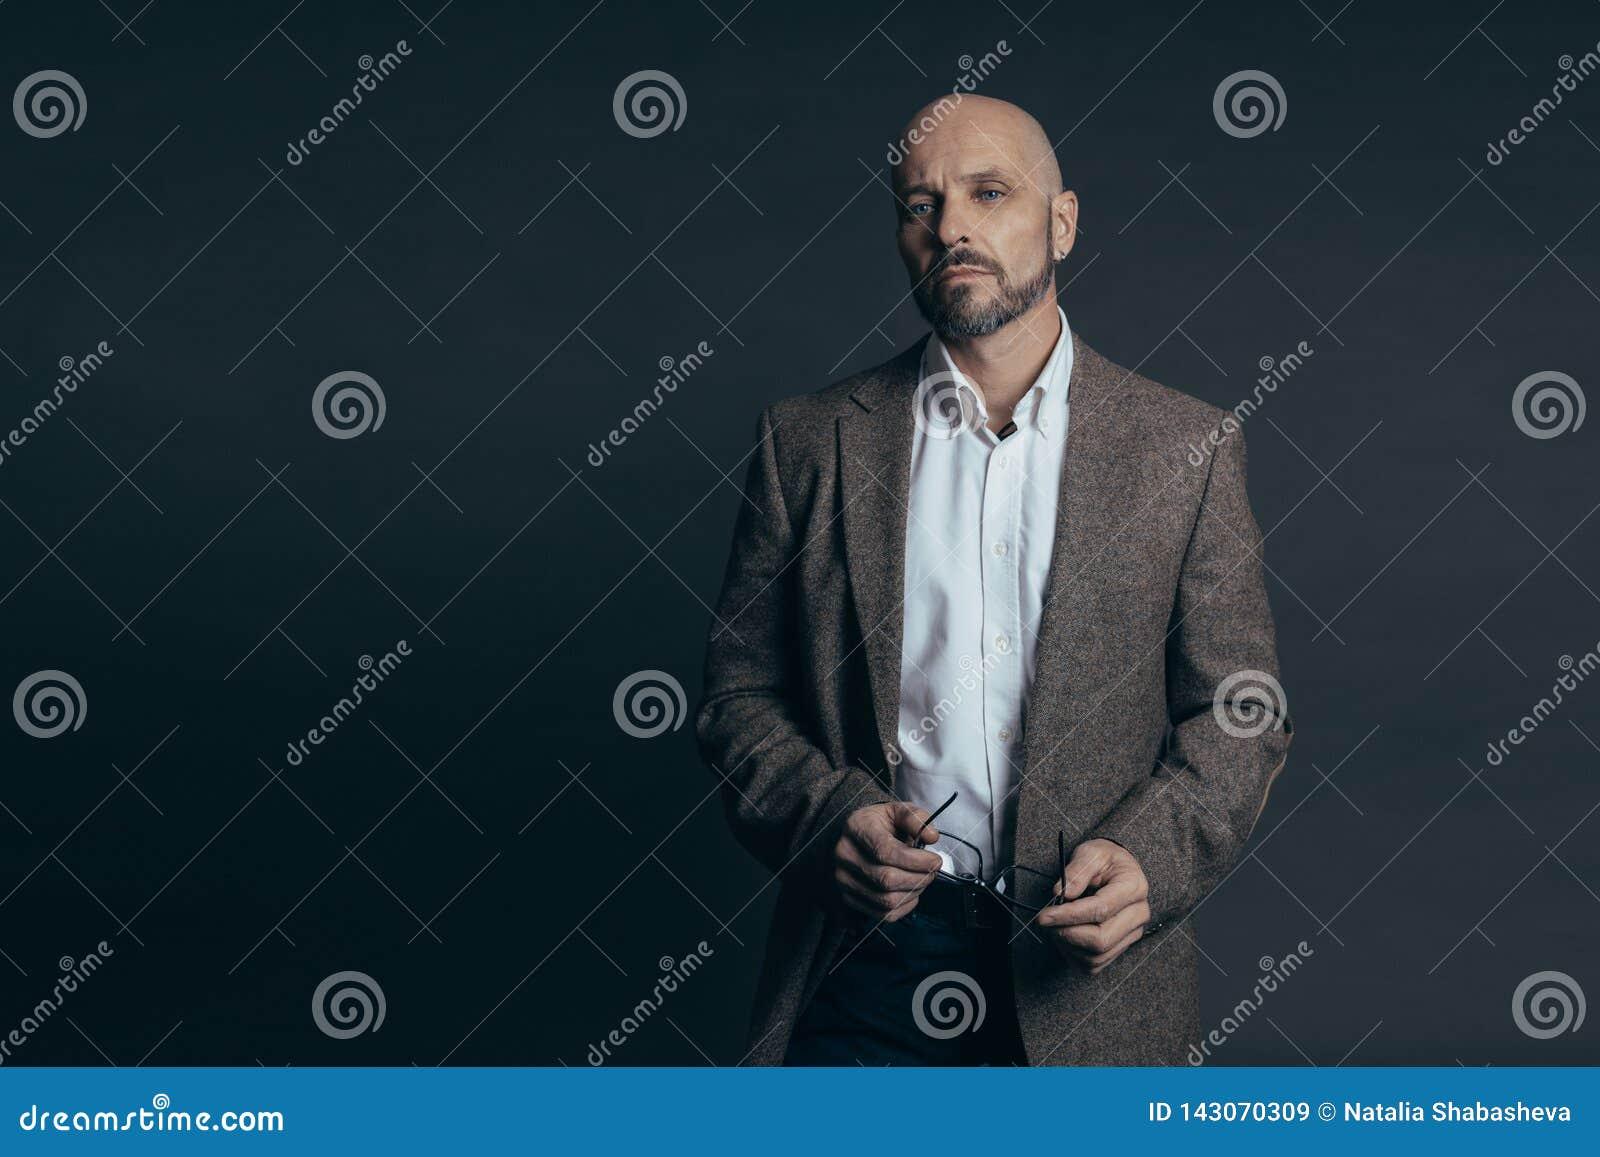 Le milieu sérieux a vieilli l homme avec une expression figée de visage habillé dans la pose occasionnelle sur un fond gris-foncé